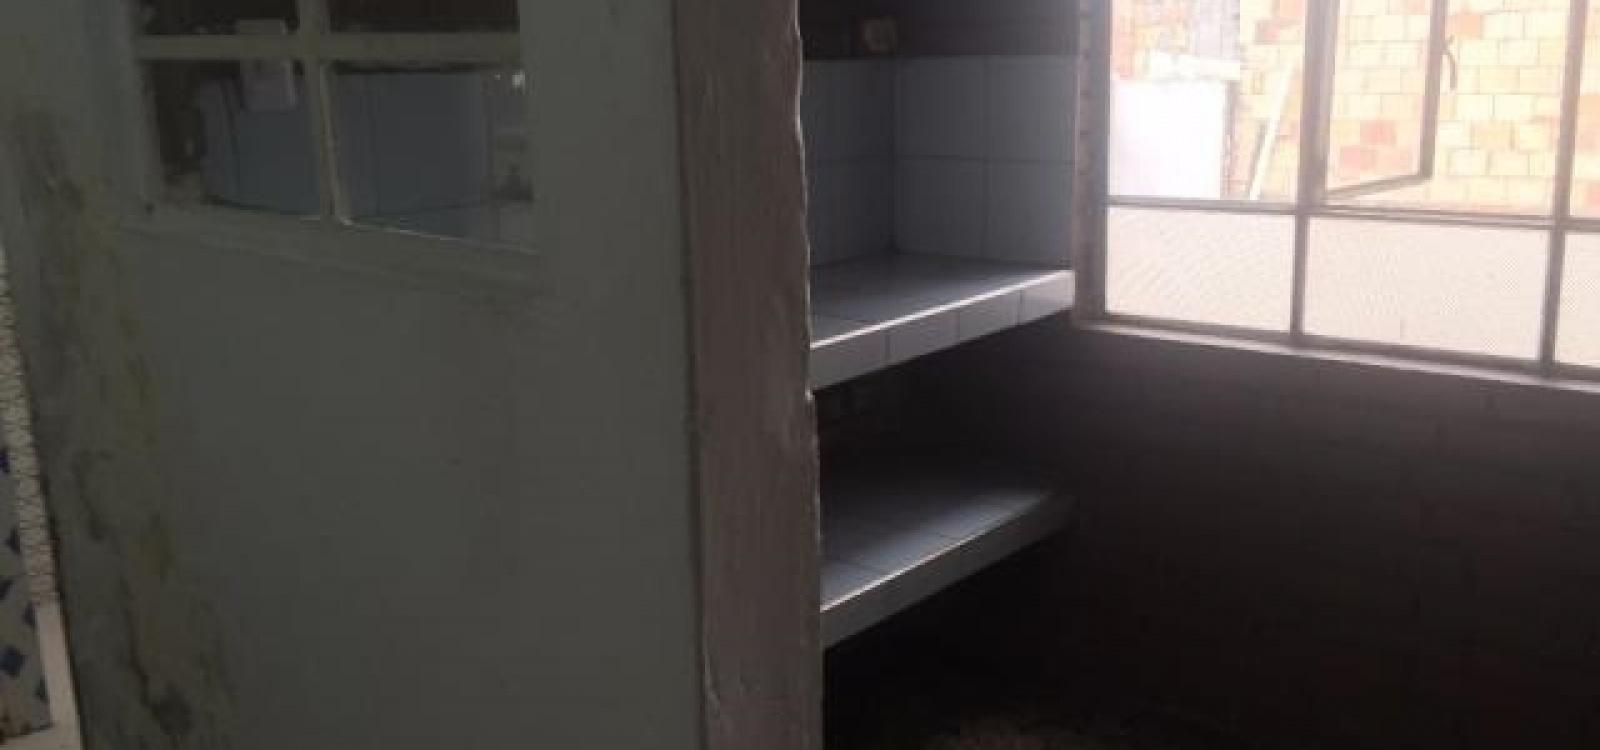 44-04 sur cra 25a,Bogotá,Sur,Claret,19 Habitaciones Habitaciones,10 LavabosLavabos,Casas,cra 25a,1698